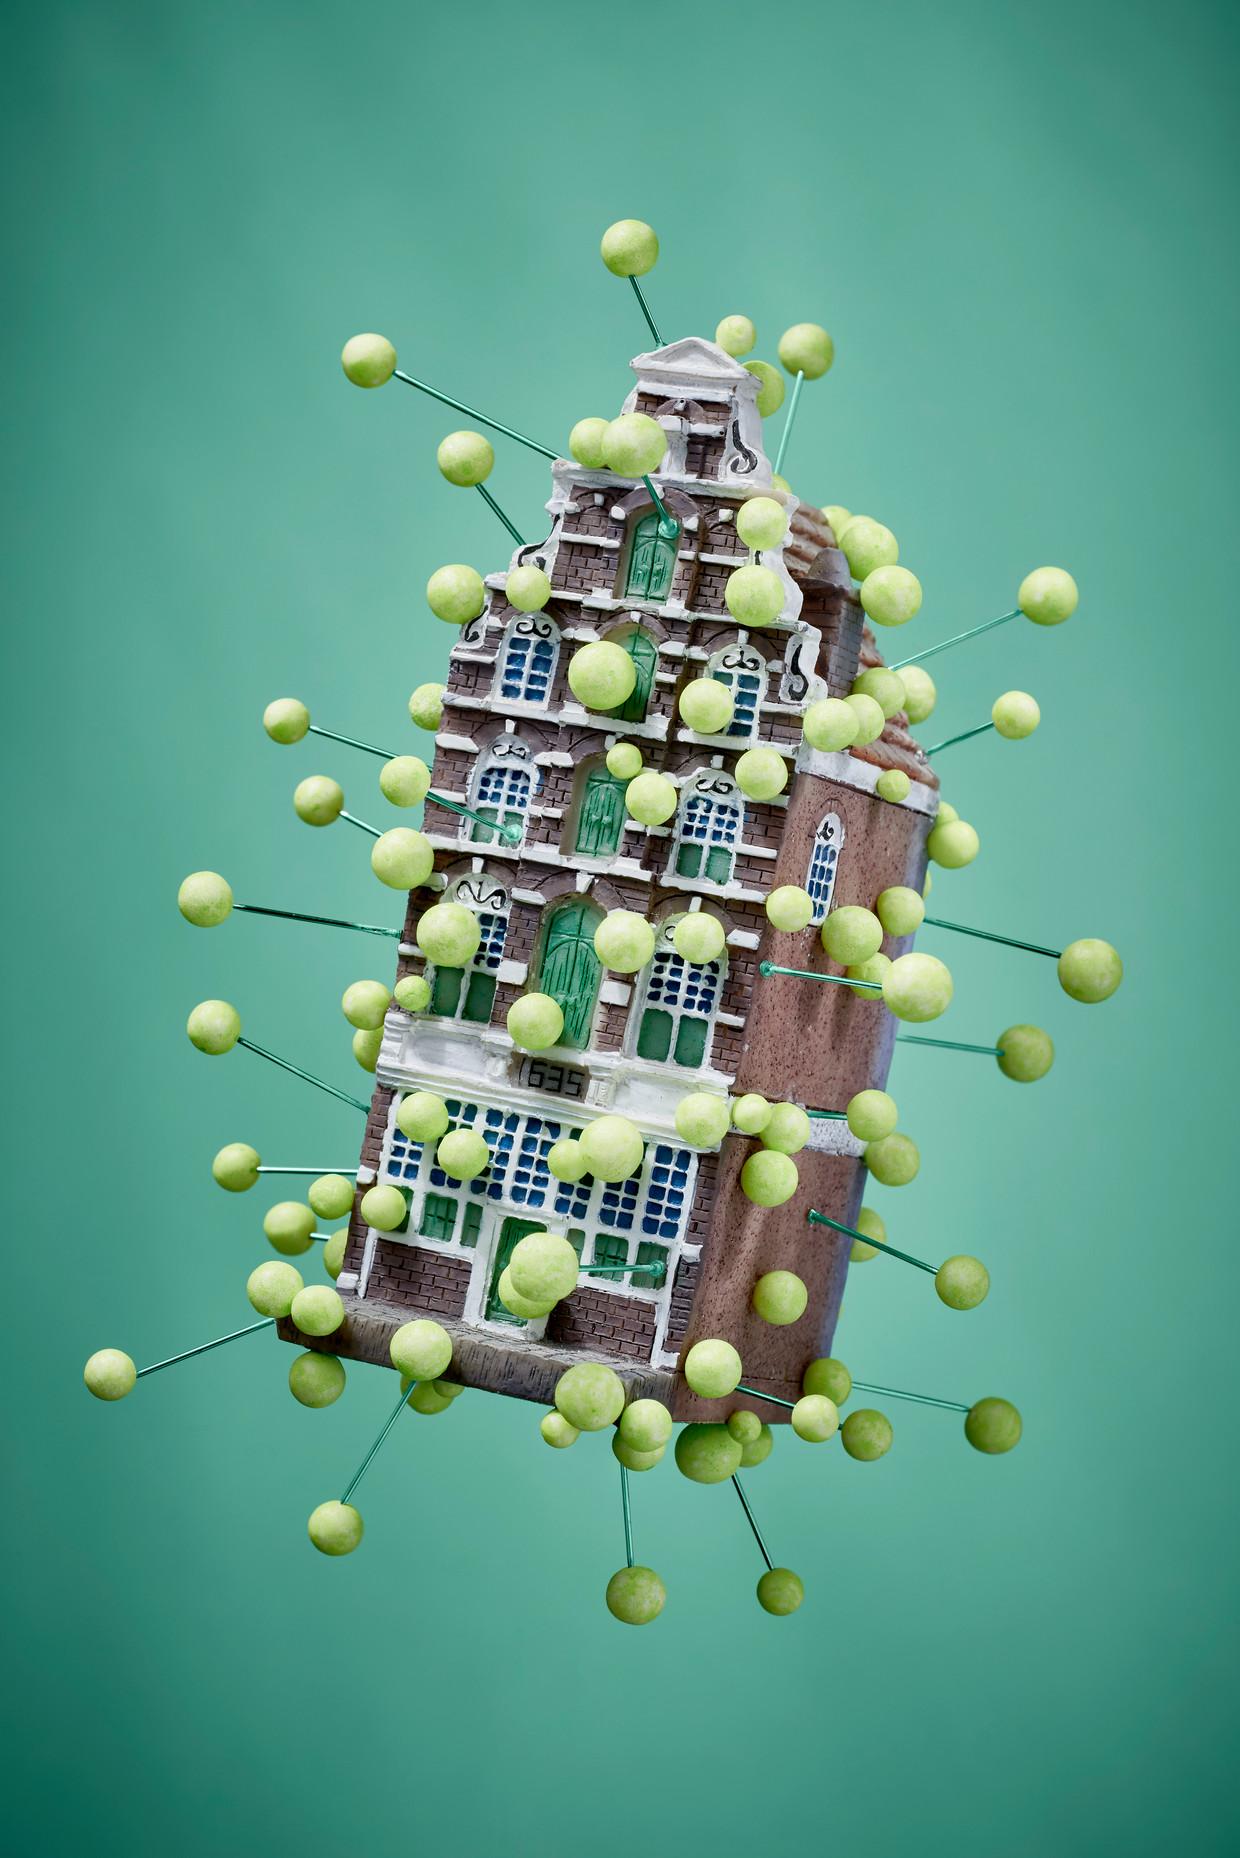 Amsterdam is de coronabrandhaard van Nederland geworden. Beeld Rein Janssen